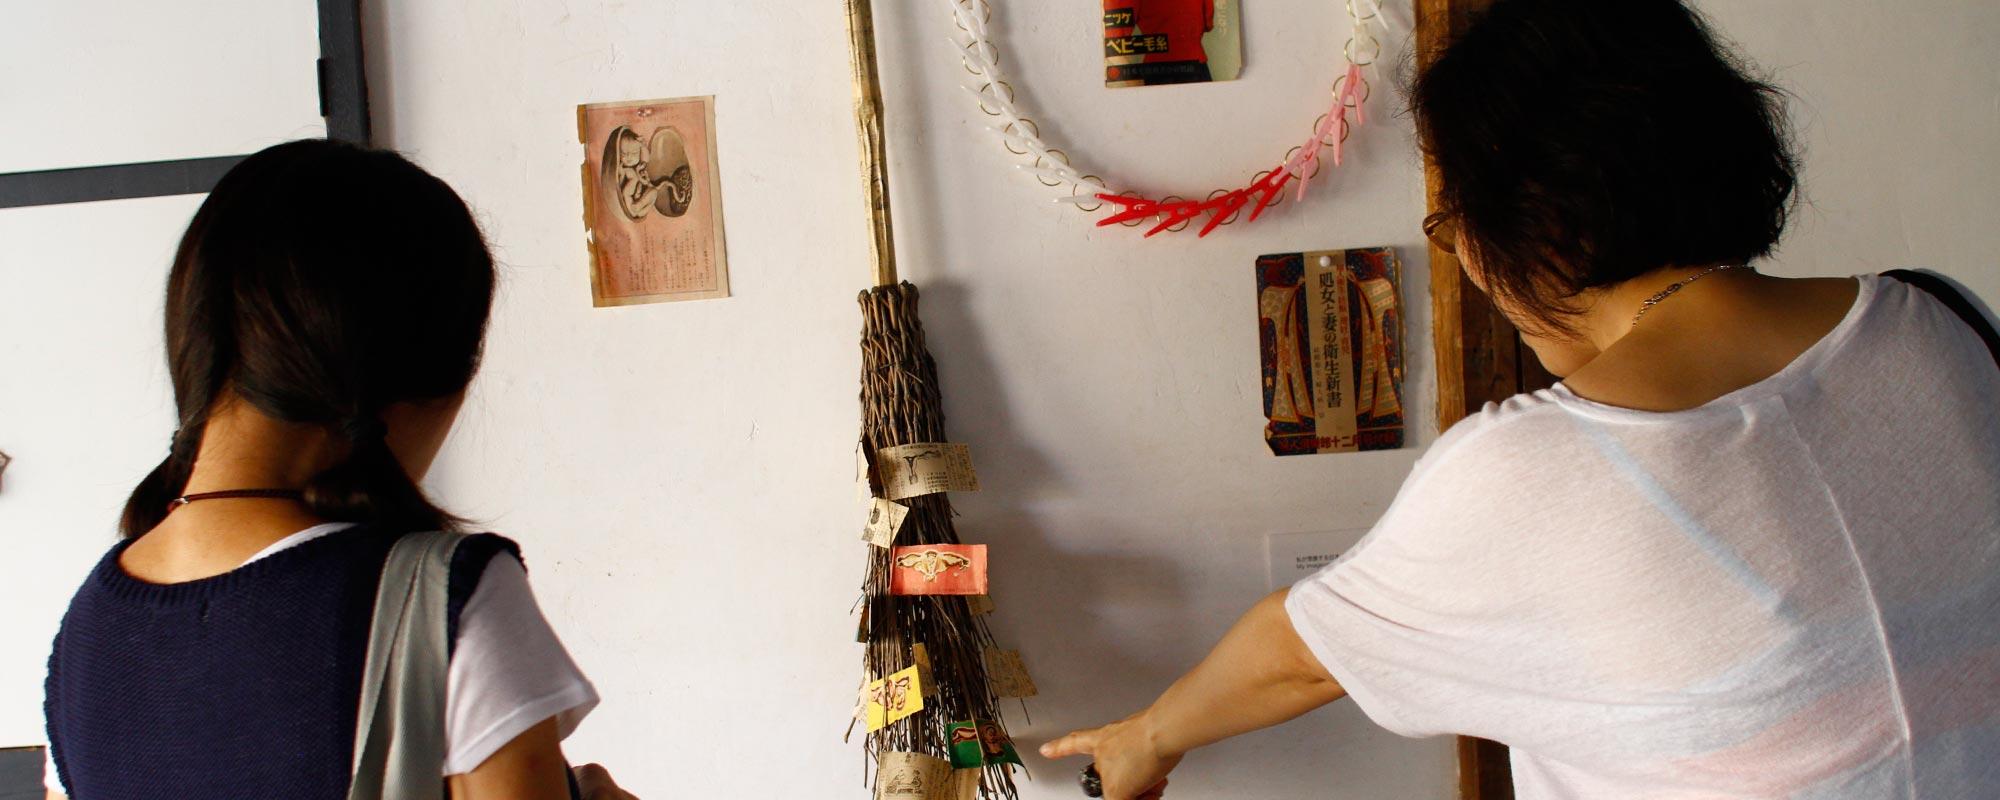 Brenda-Petayas-installation-japan